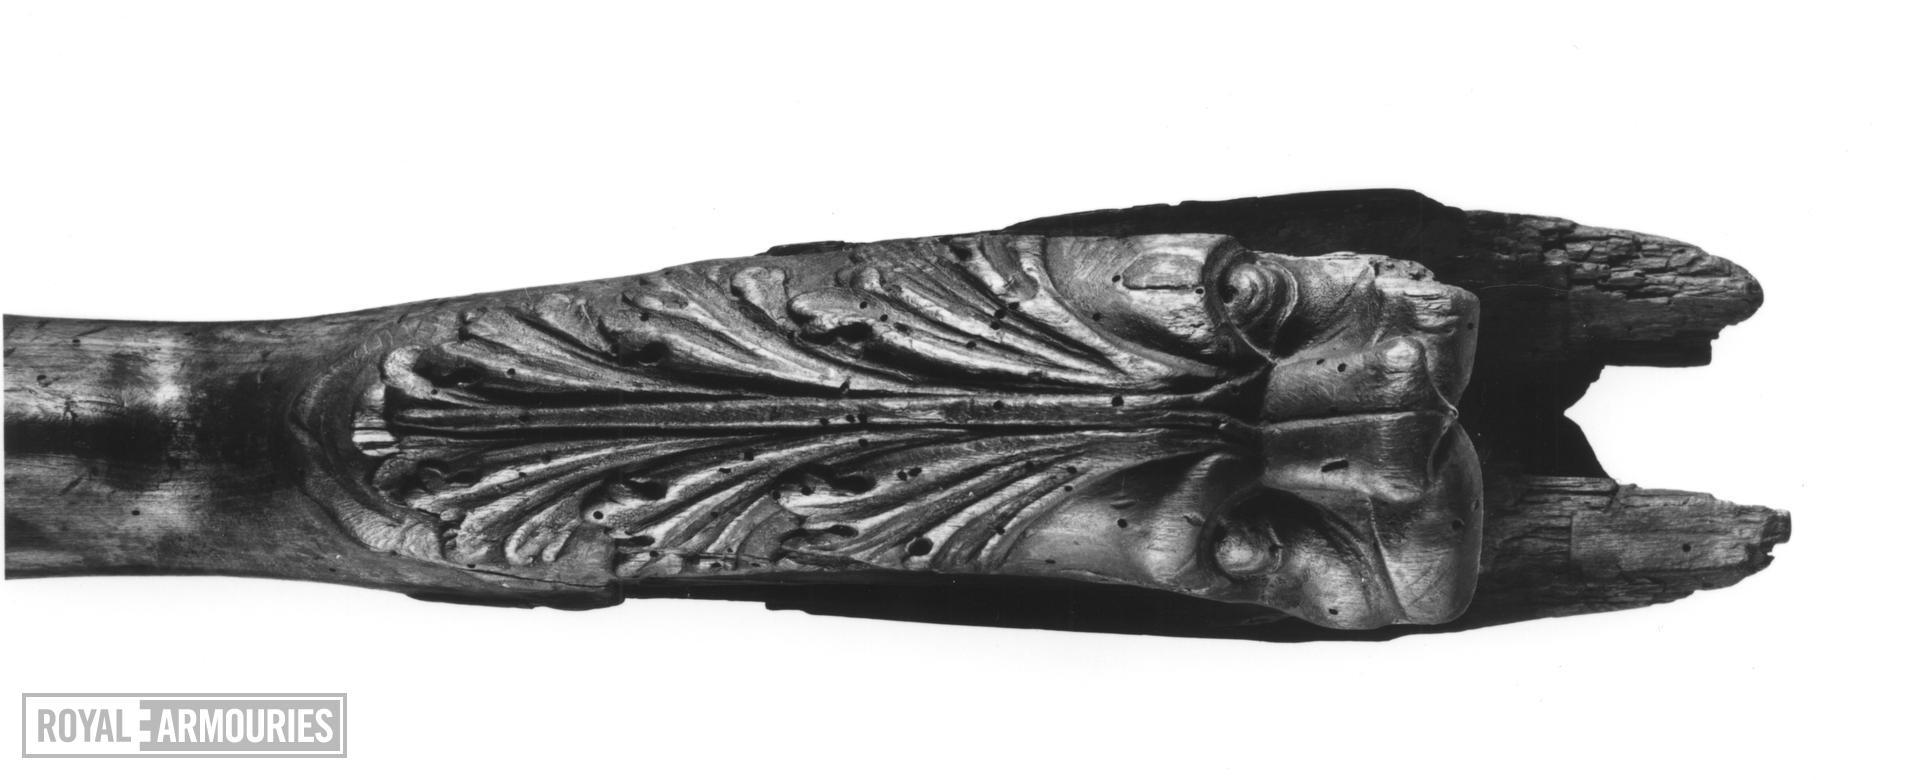 Flintlock firework gun